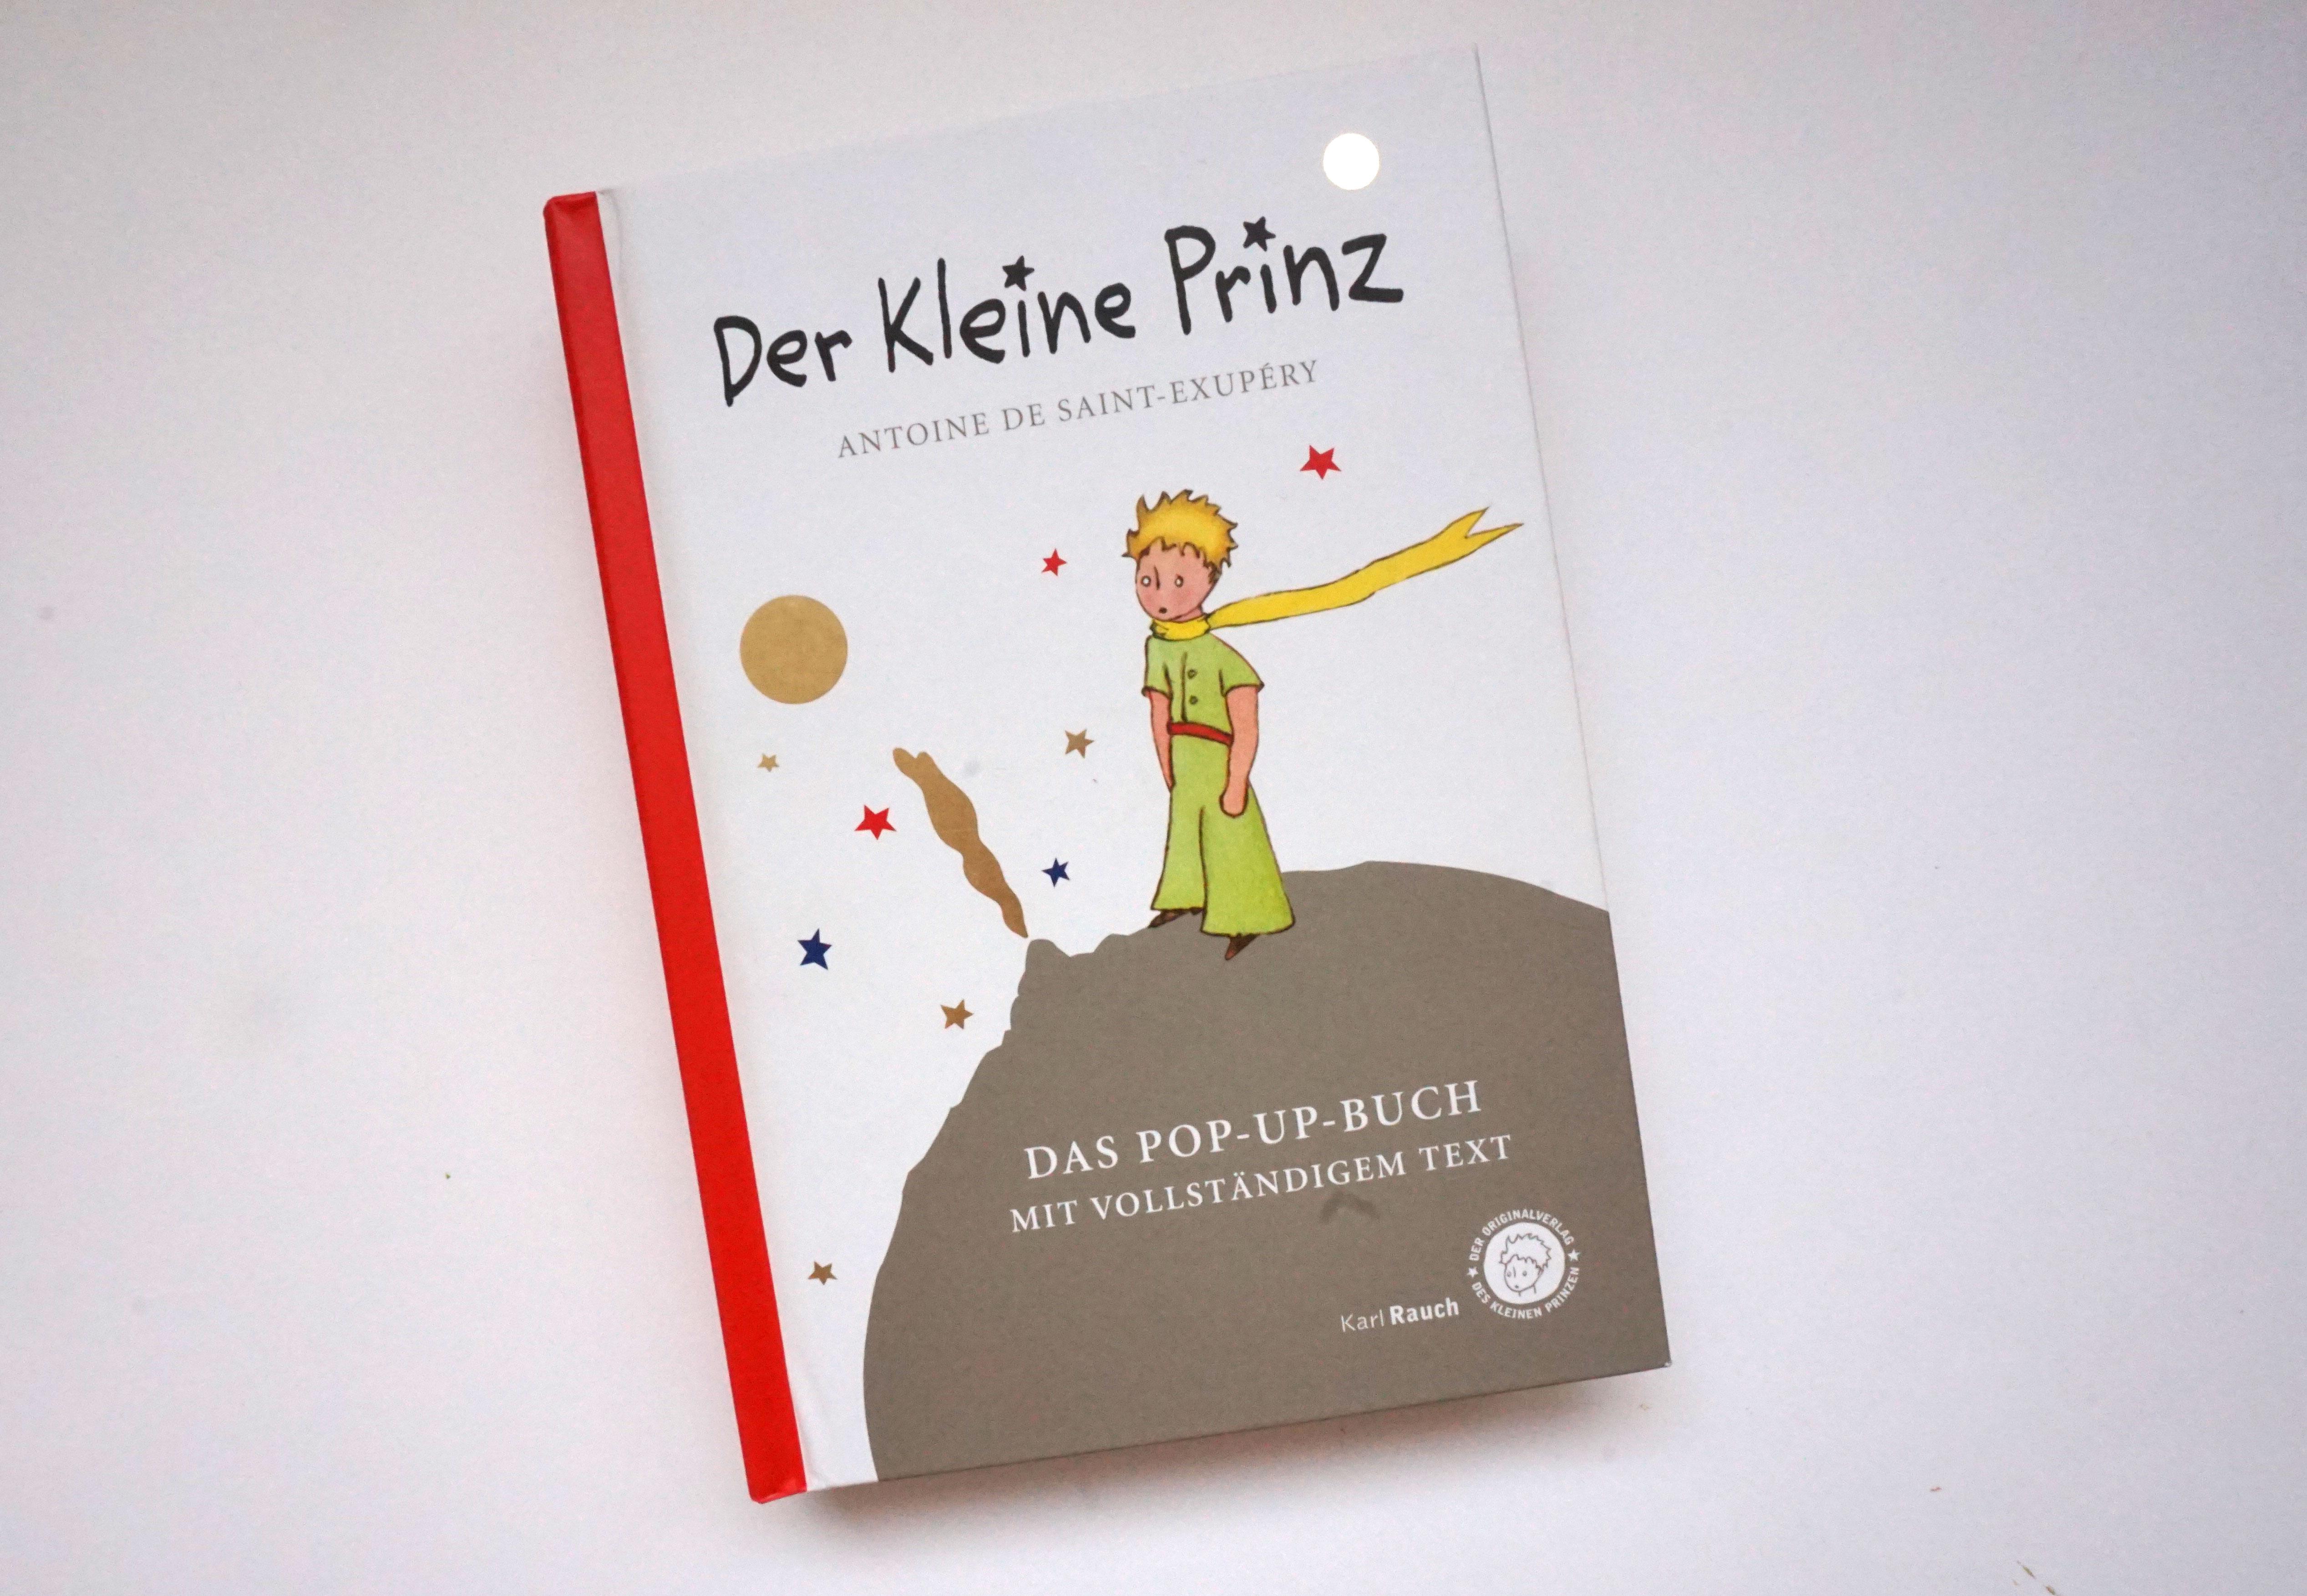 Der kleine Prinz Book Cover